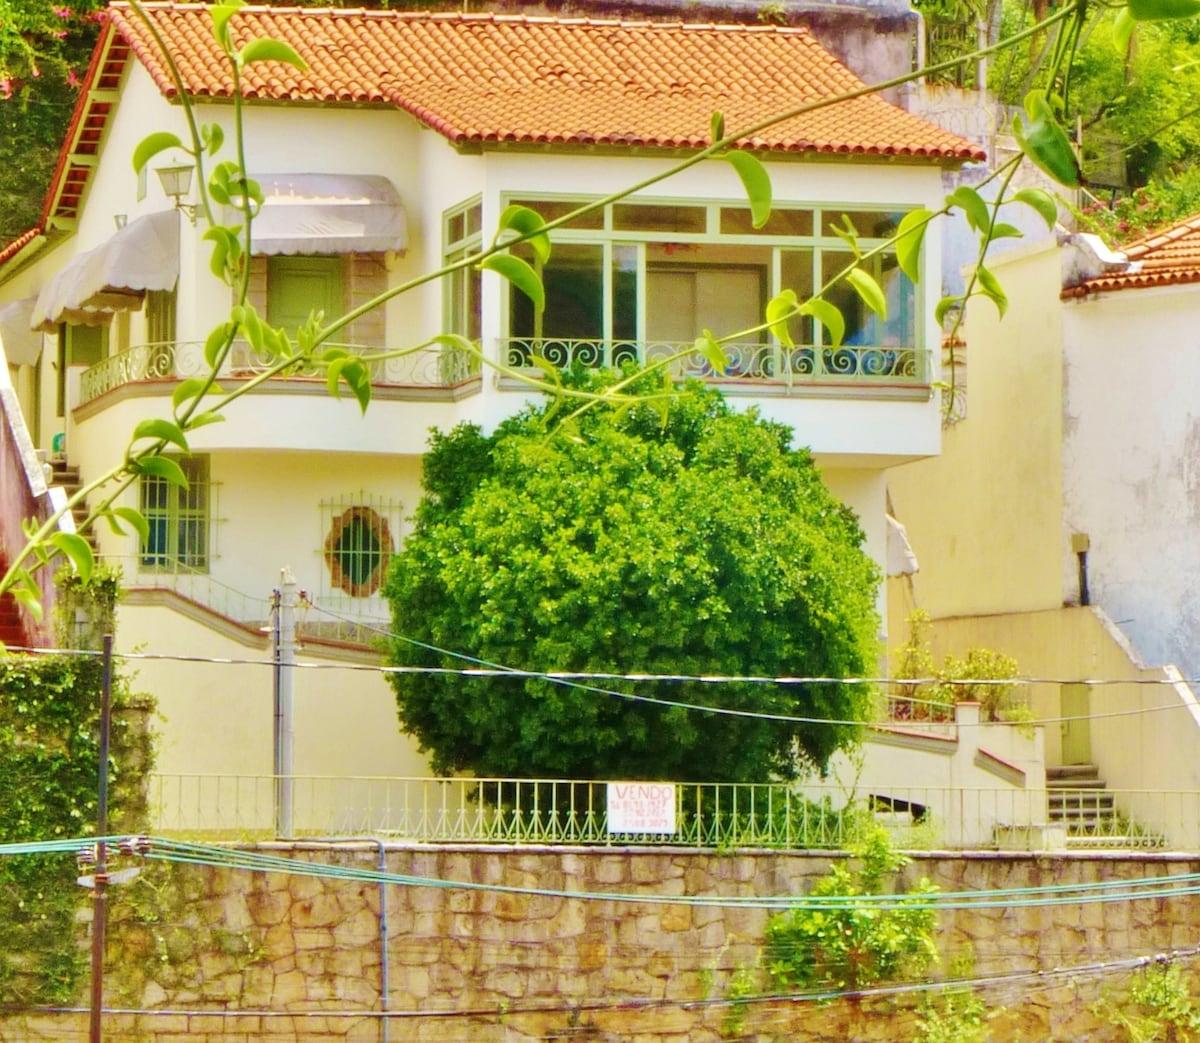 Vista frontal da casa (1 andar: Casa/Studio para hóspedes - 2 andar: casa anfitrião)